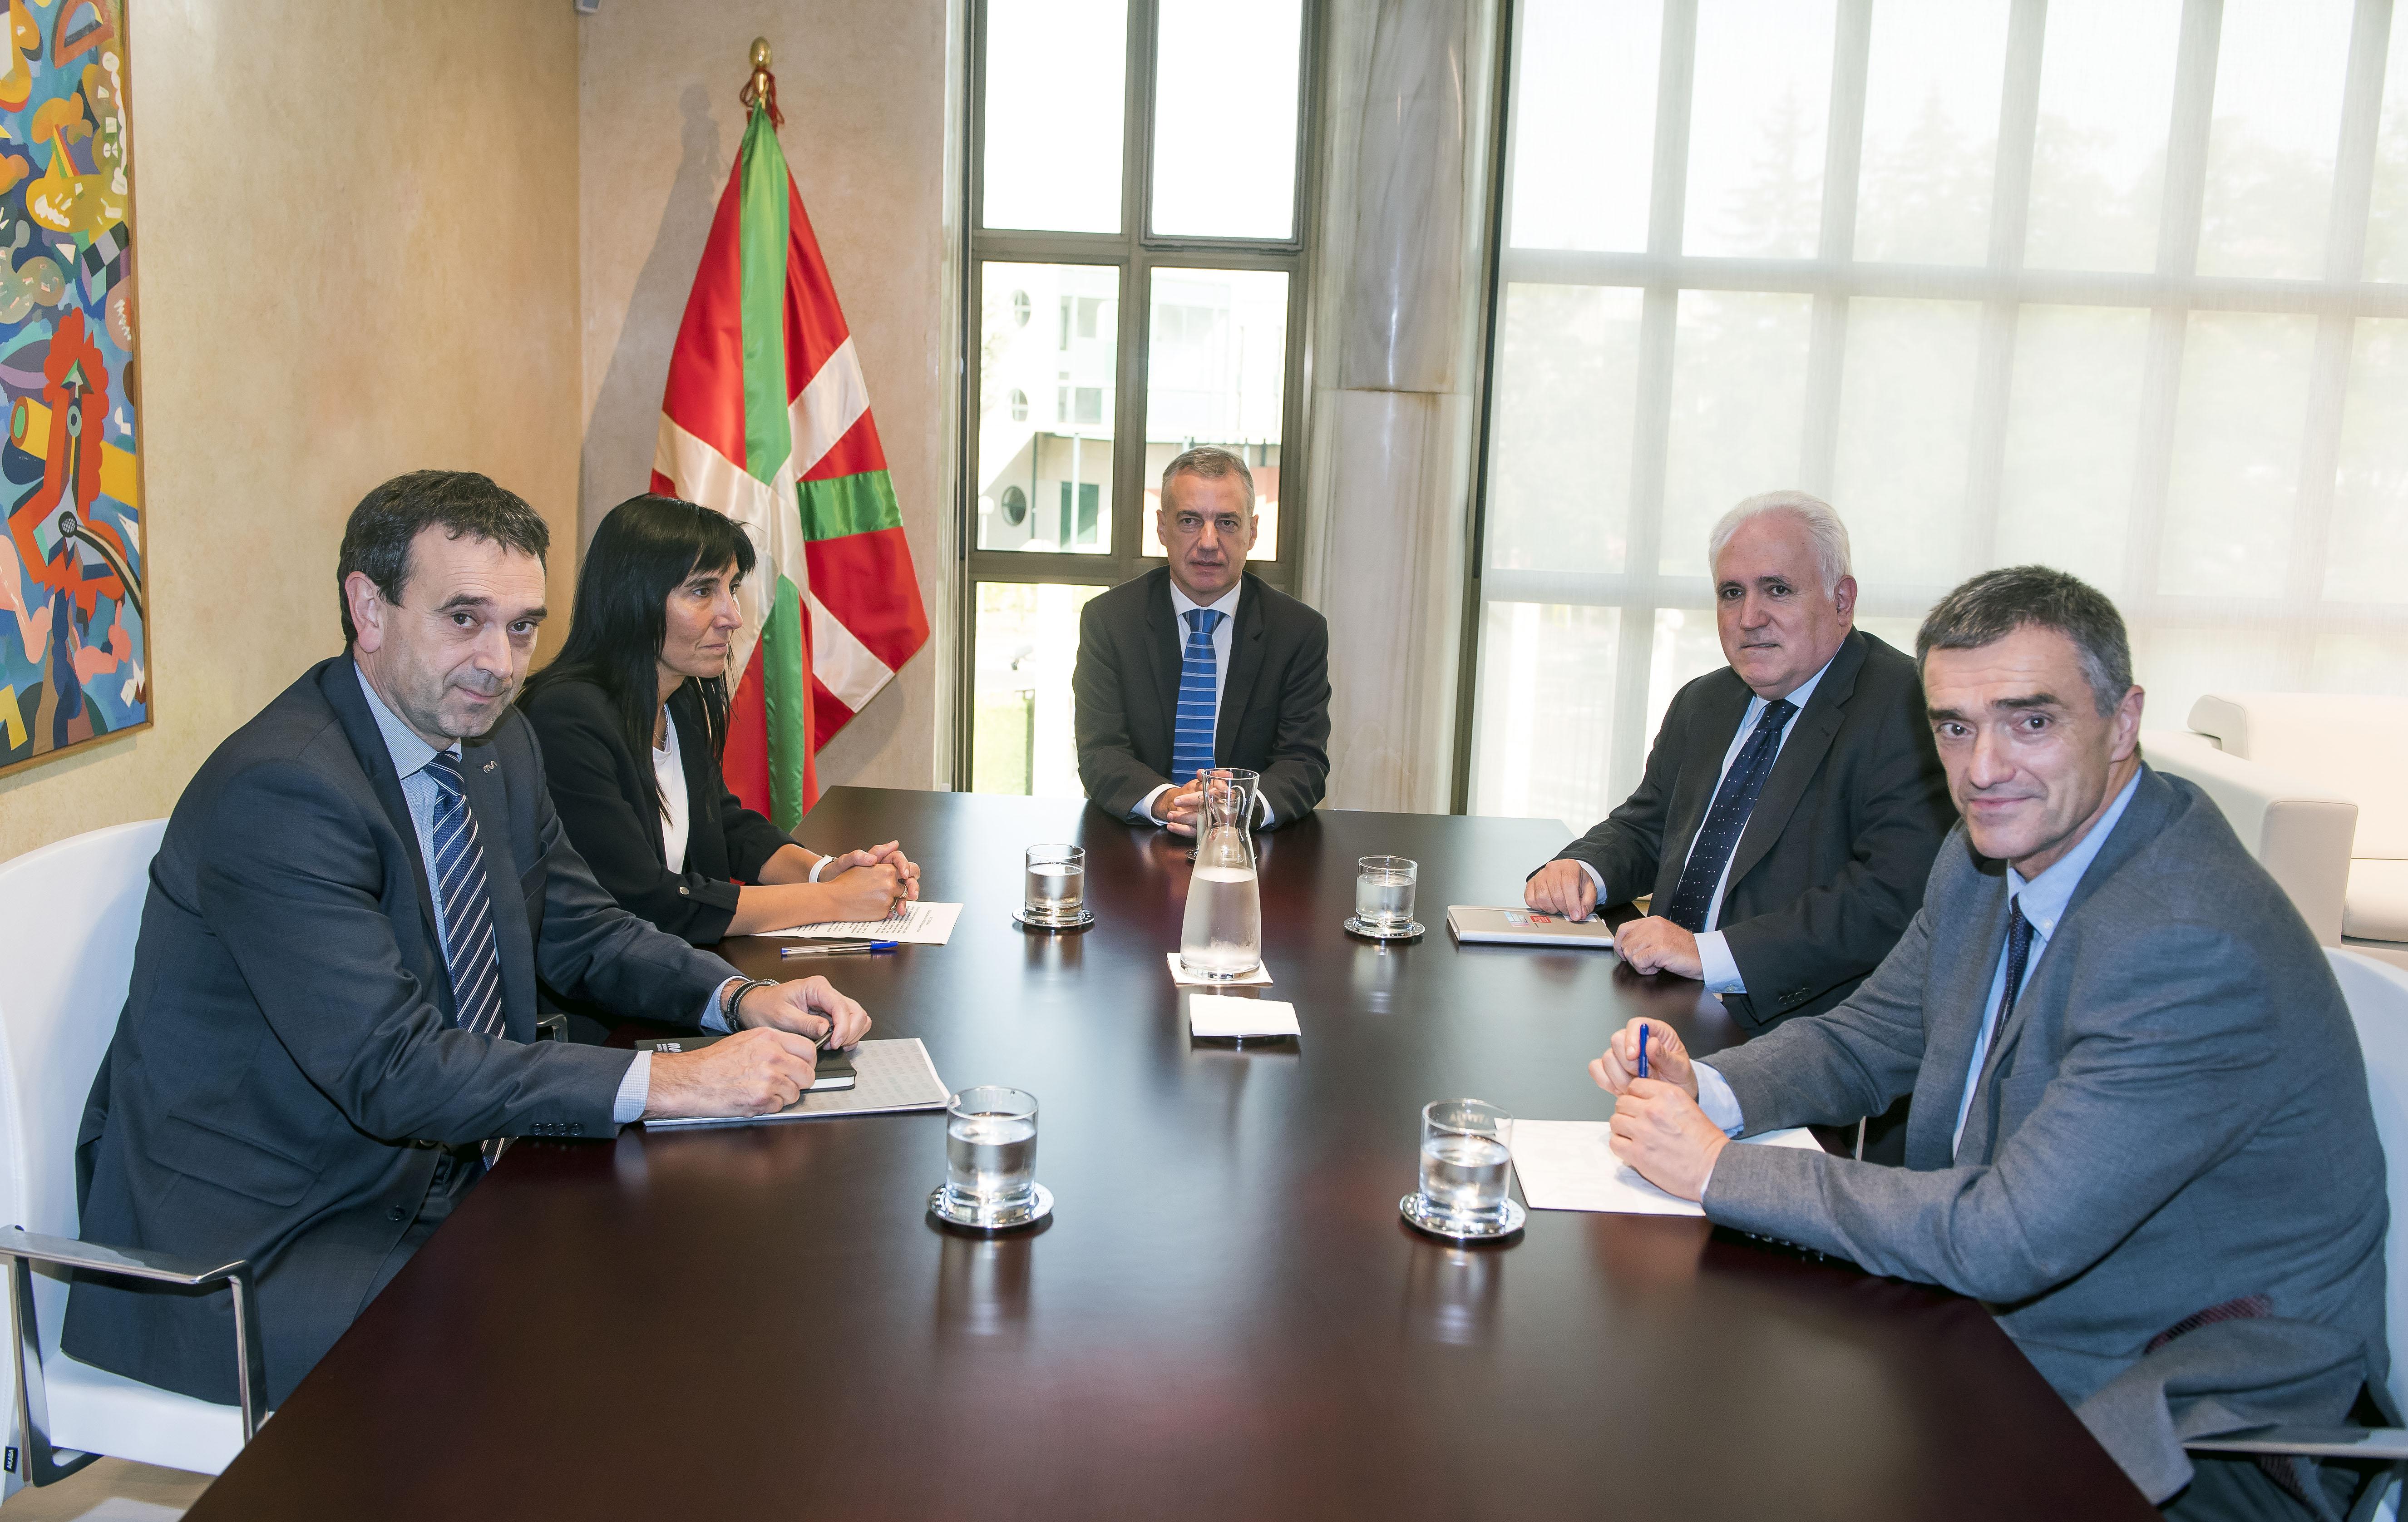 Euskadiko unibertsitateek berritu egin dute Eusko Jaurlaritzarekin bizikidetzaren eta giza eskubideen arloan zuten konpromisoa legealdi honetarako